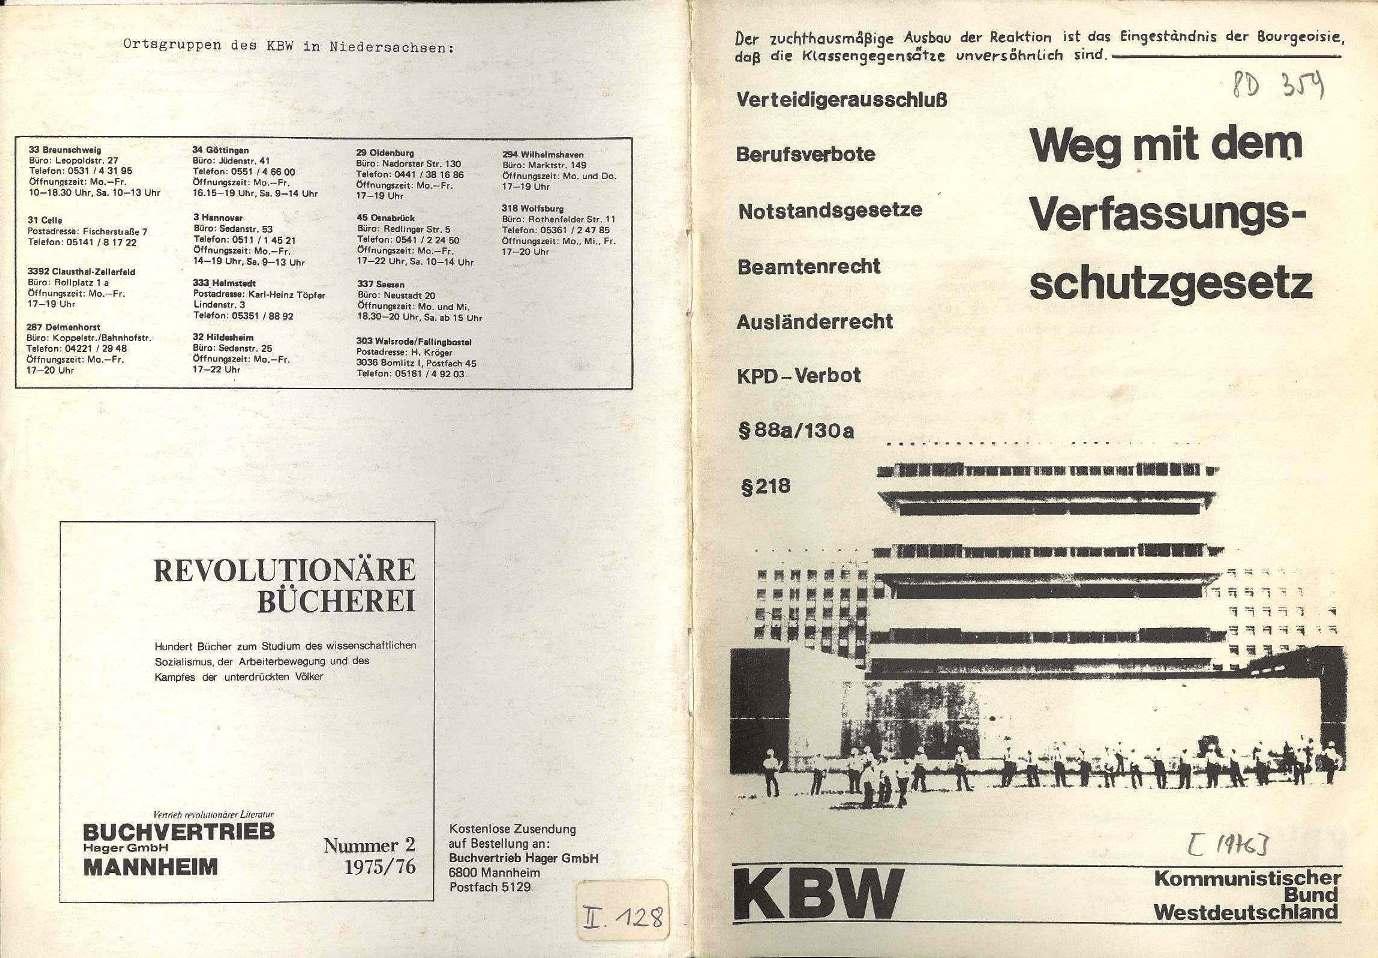 Hannover_Verfassungsschutzgesetz011